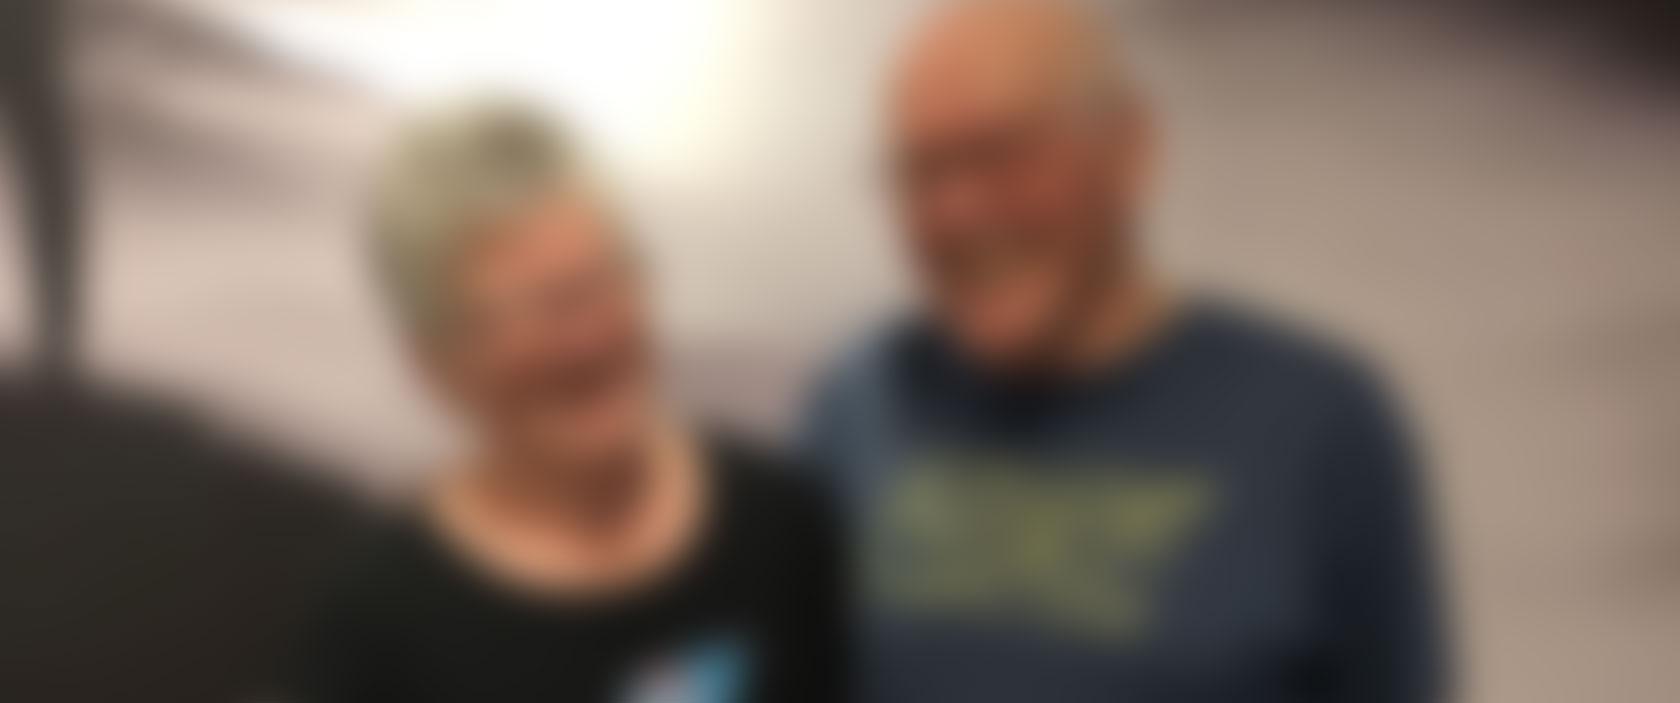 <em>Kundenstimmen</em>Margit (64 Jahre) & Fritz (74 Jahre)